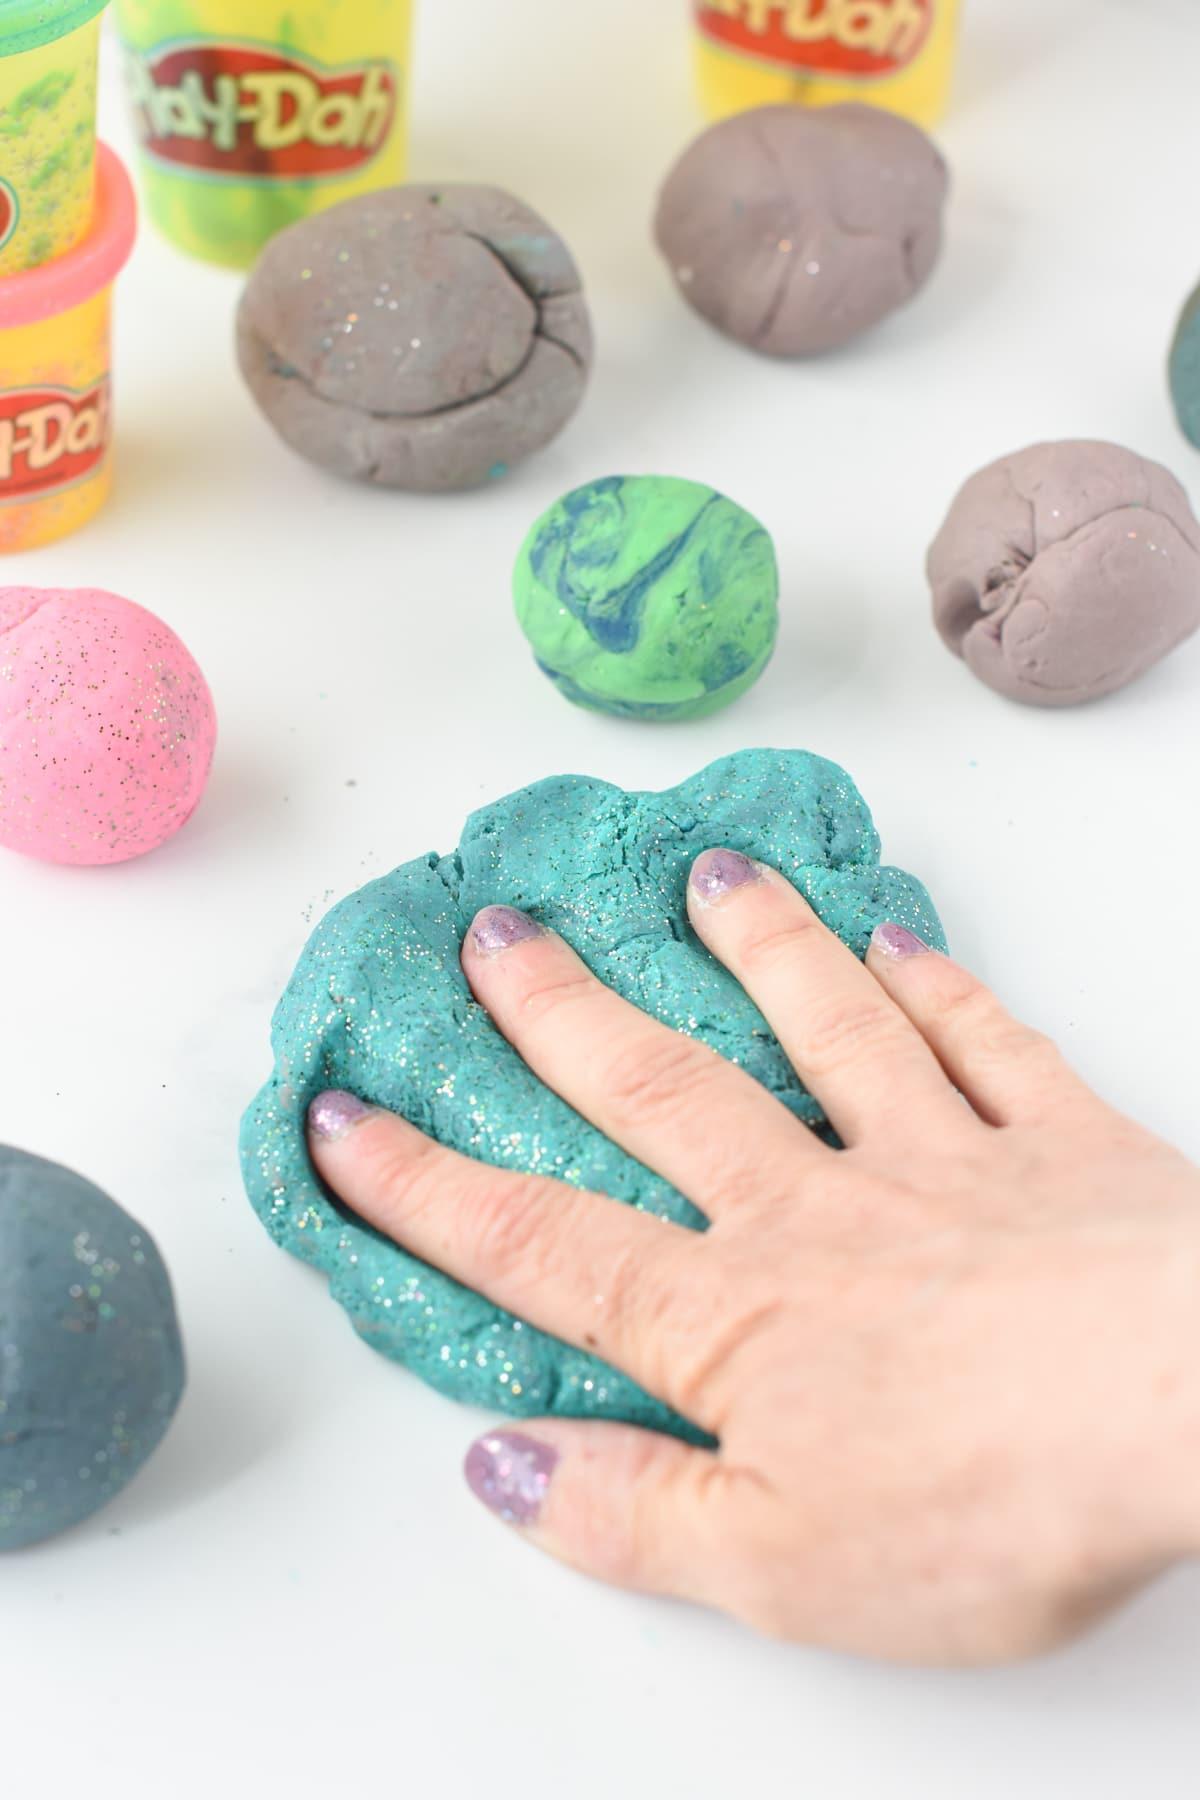 How to fix dry playdough